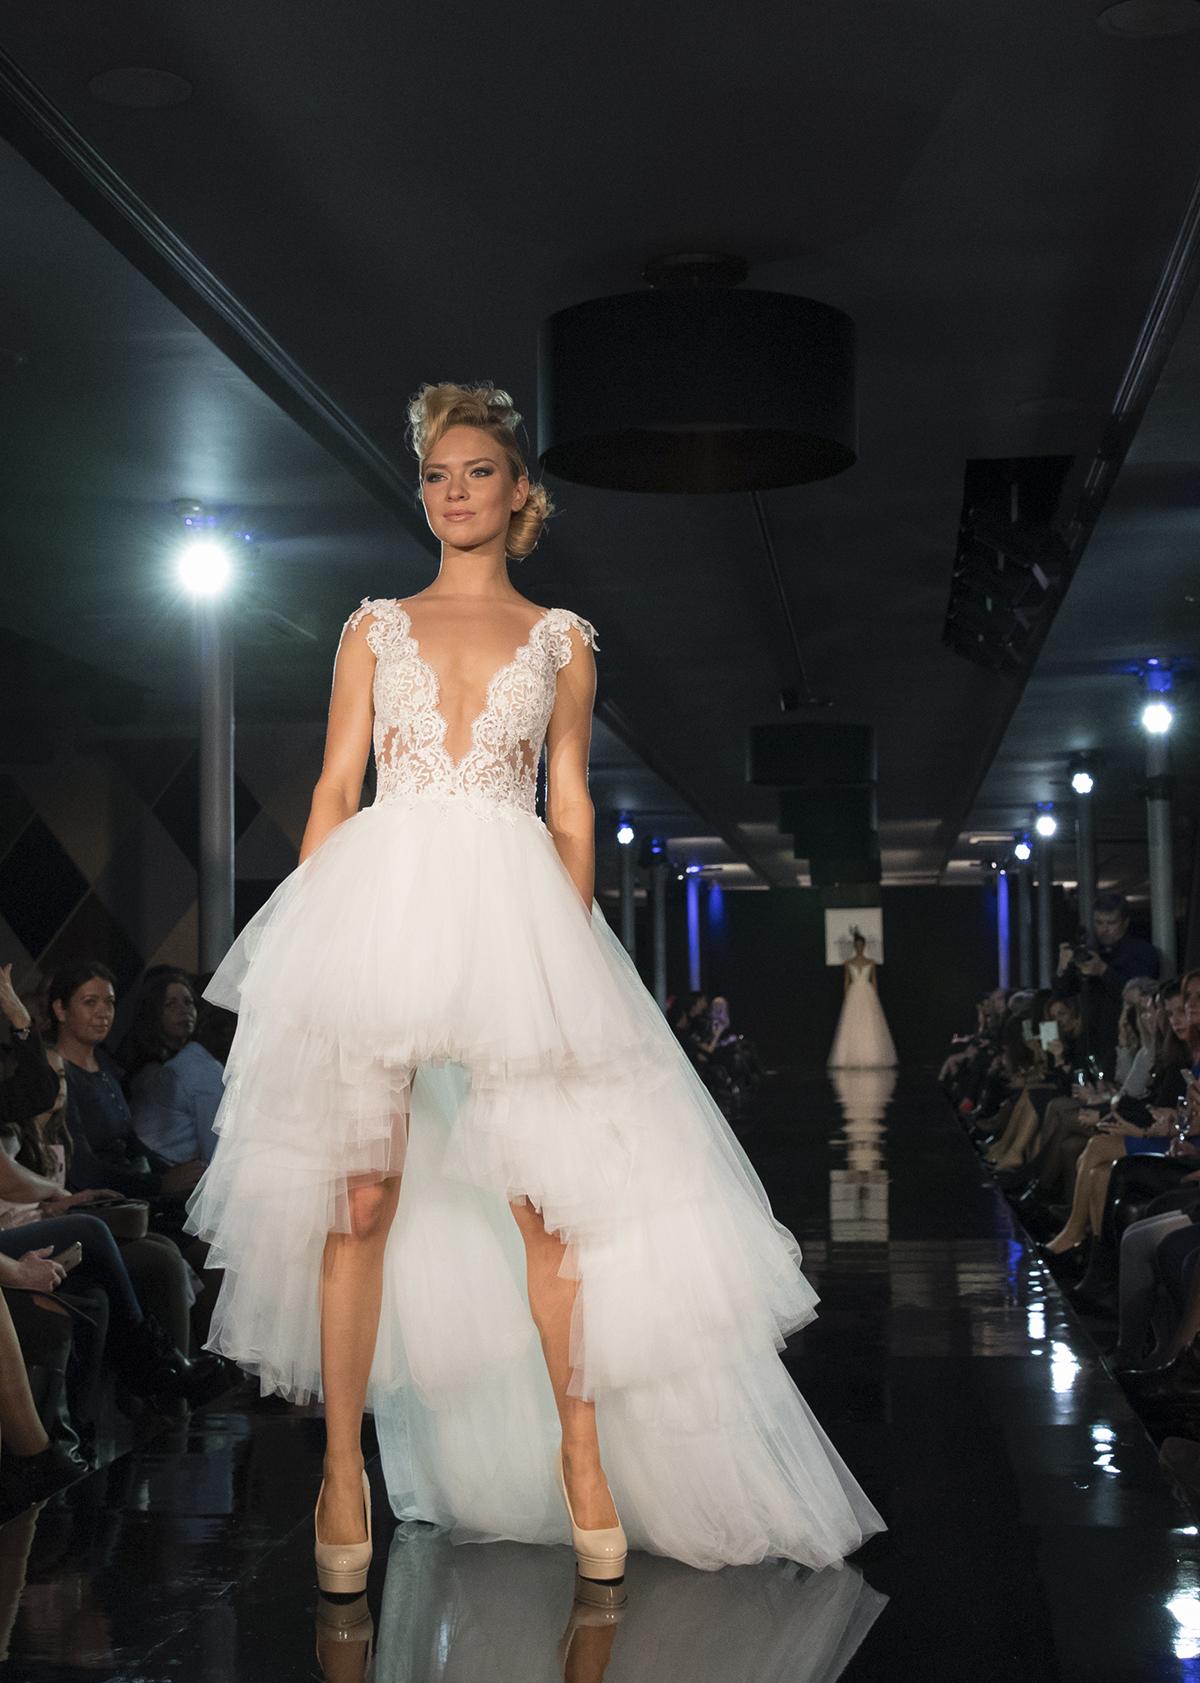 34d4f0c053 Menyasszonyi ruha, amit rád öntöttek – Így válassz ruhát a ...